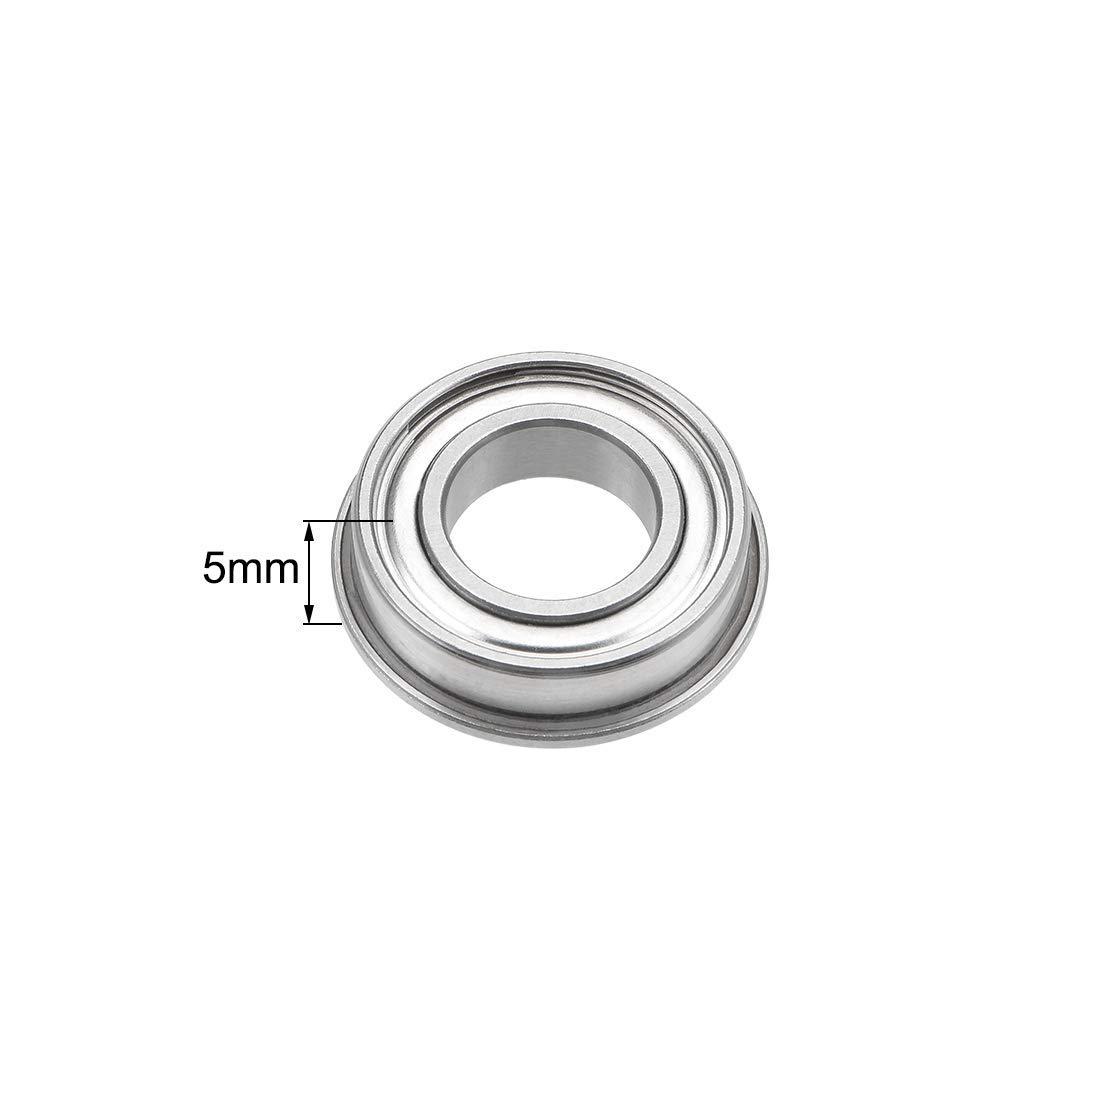 D/&D PowerDrive 785H200 Timing Belt Rubber